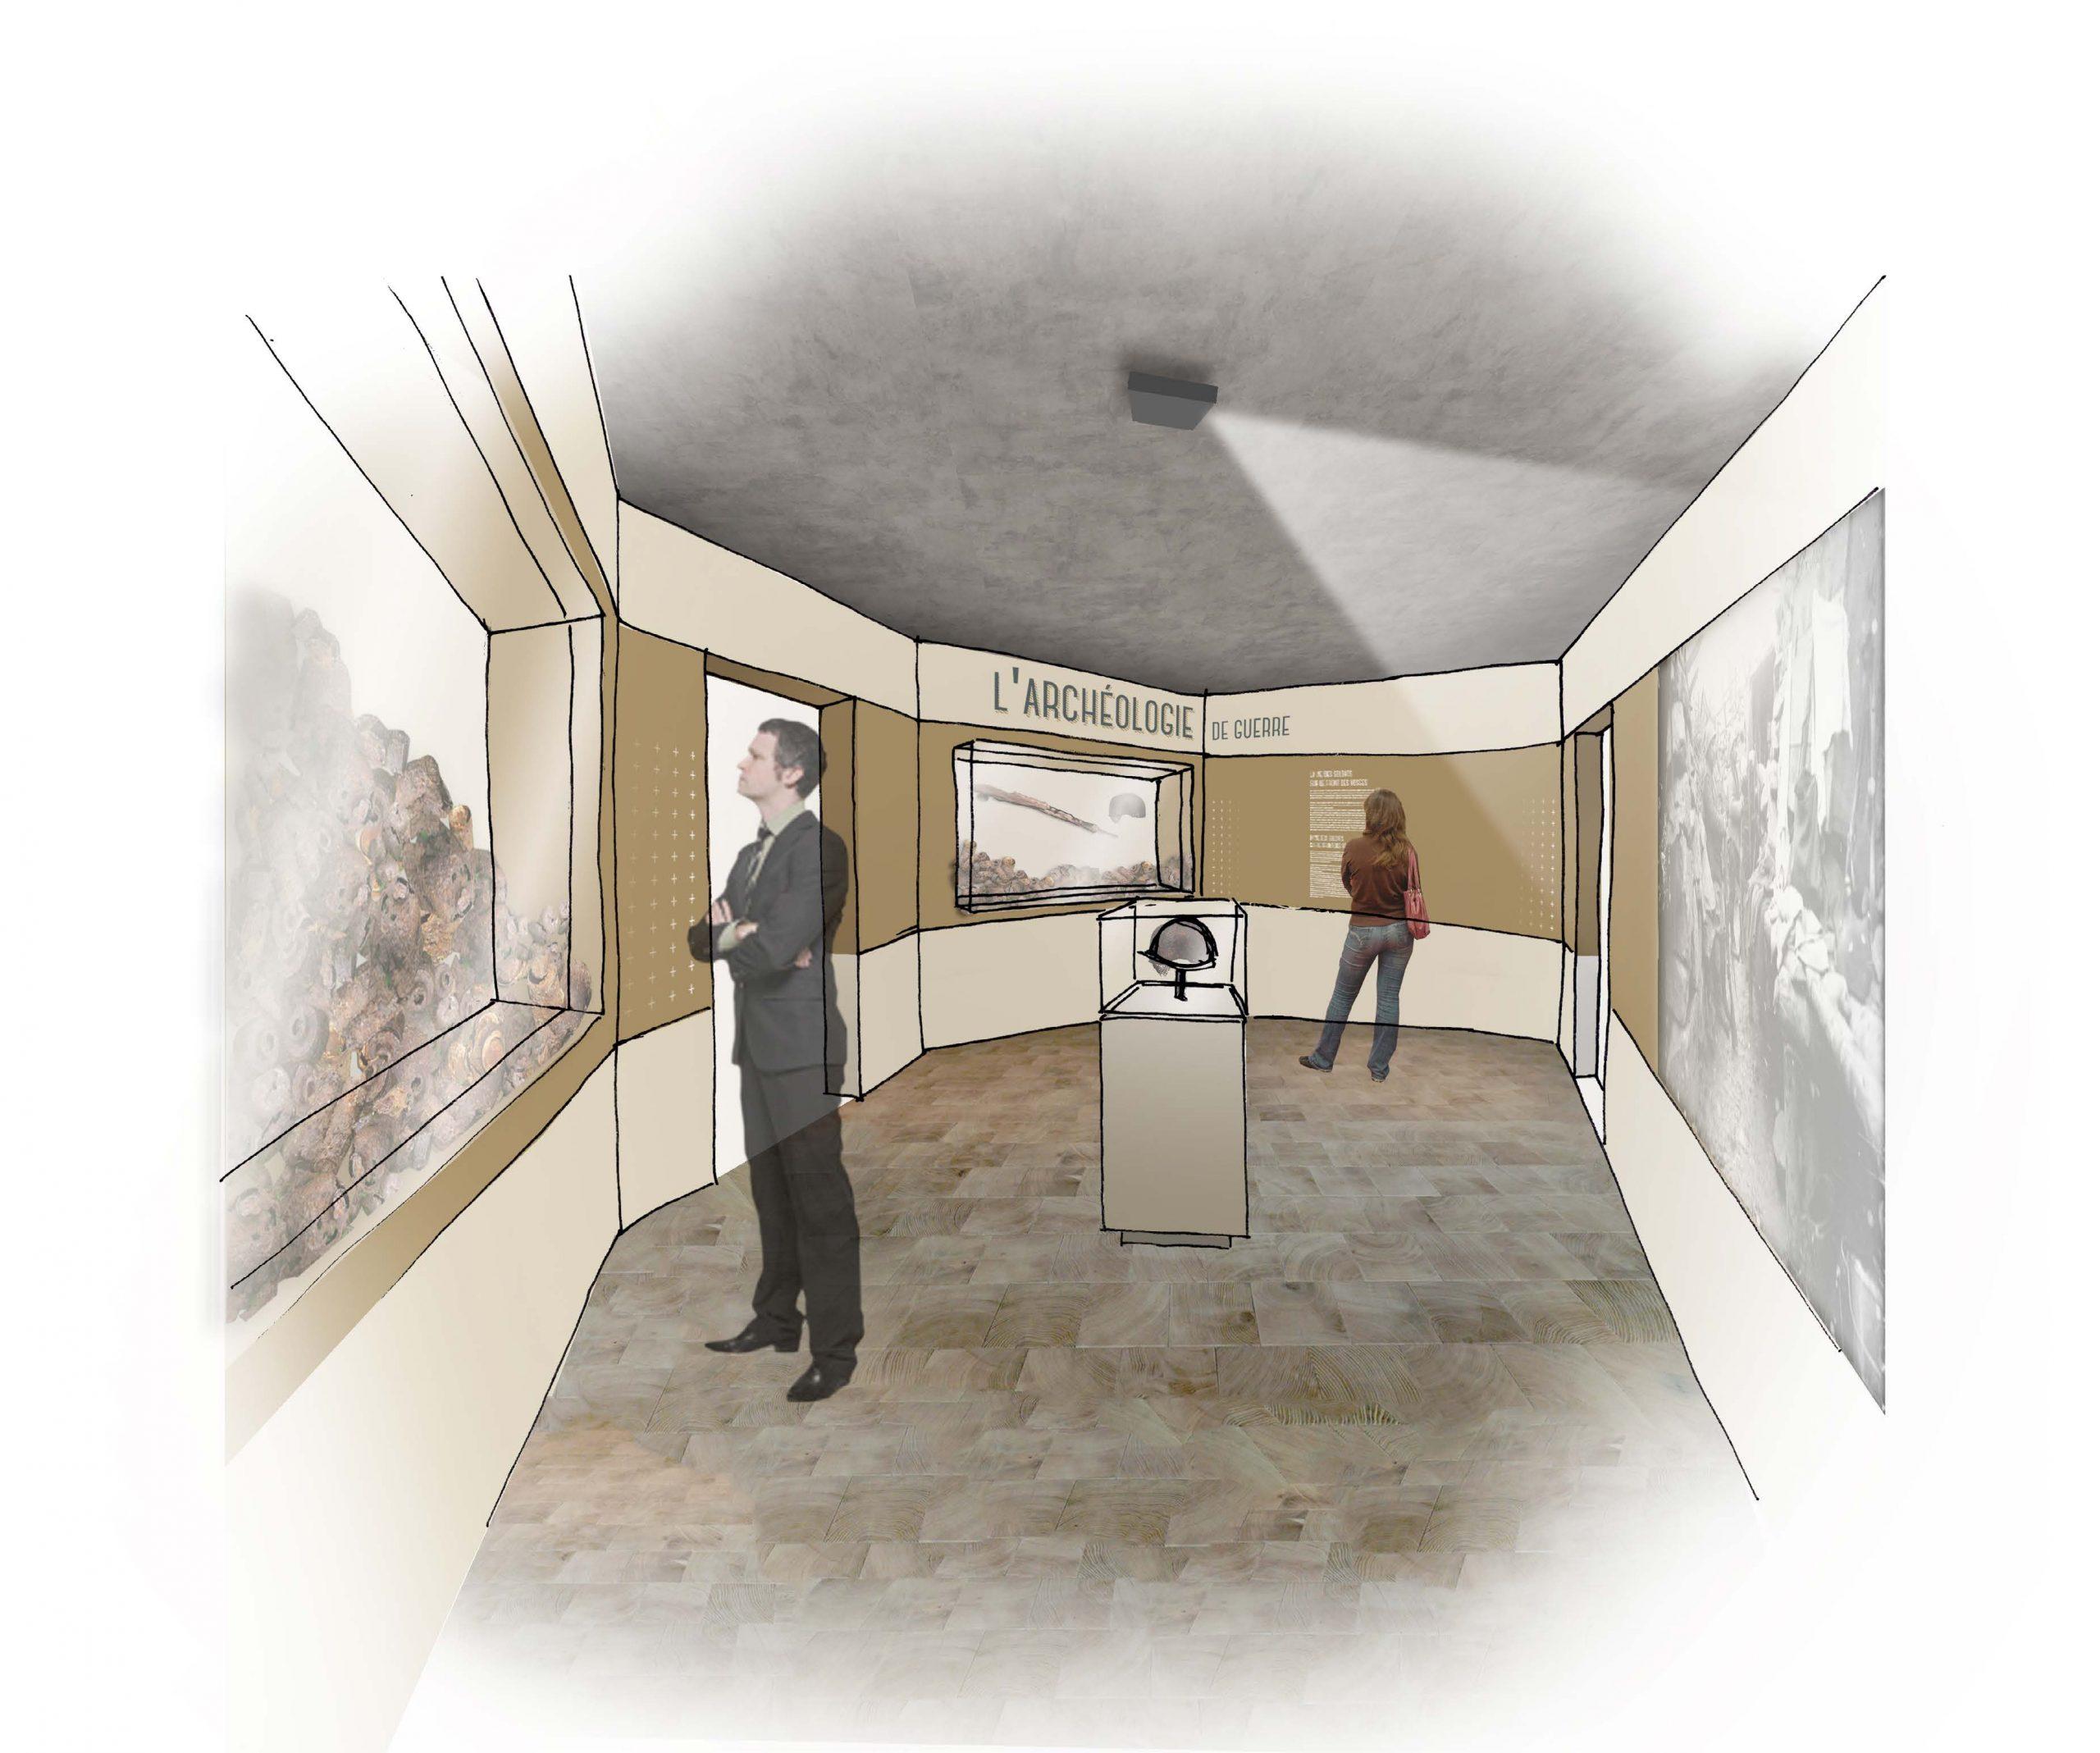 Scénographie du Mémorial de Haute Alsace, Présentation de l'archéologie